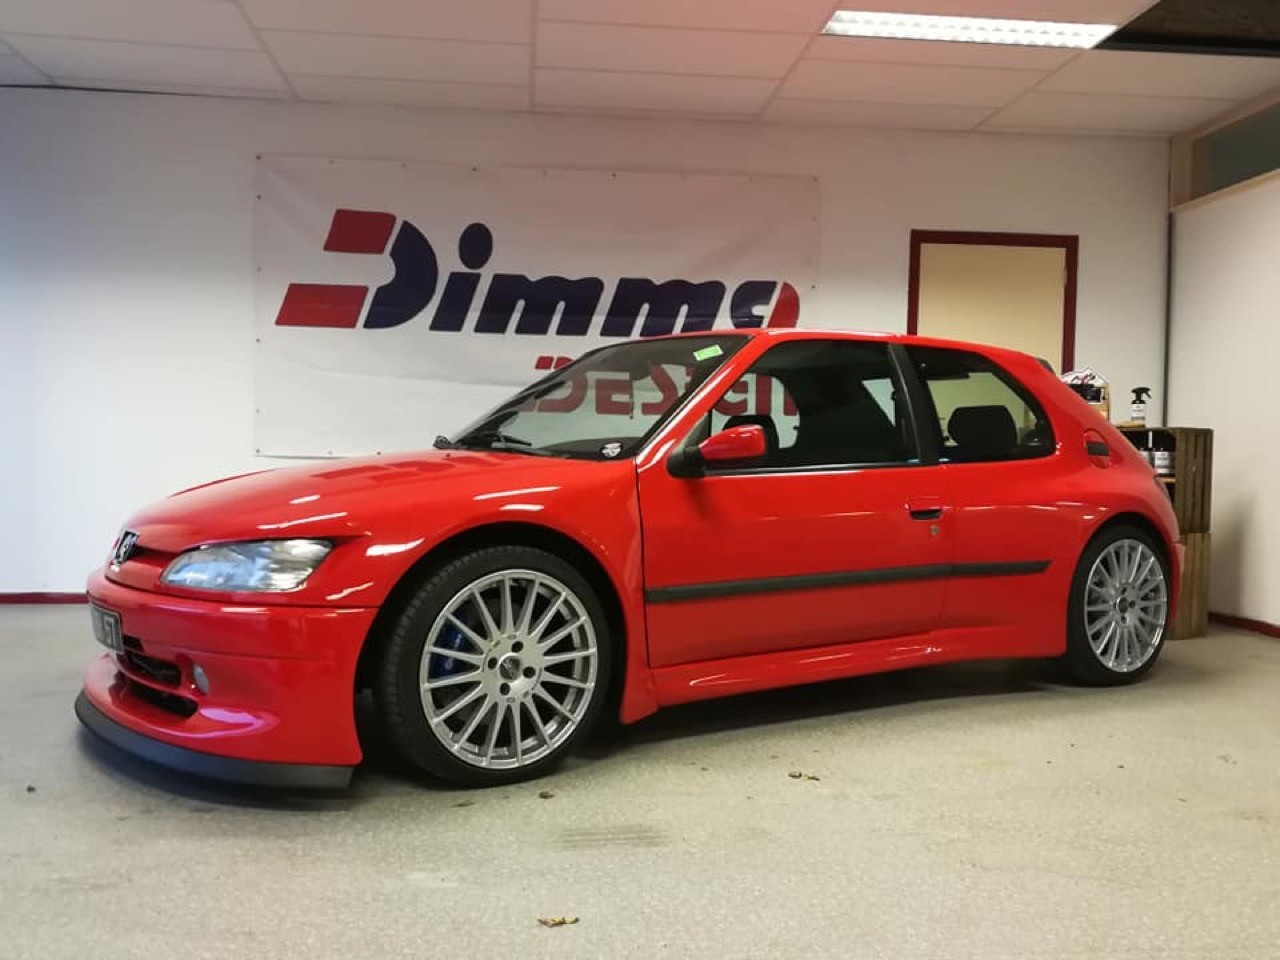 Peugeot 306 S16 - Fausse Le Mans ? Mais vraie Dimma ! 9